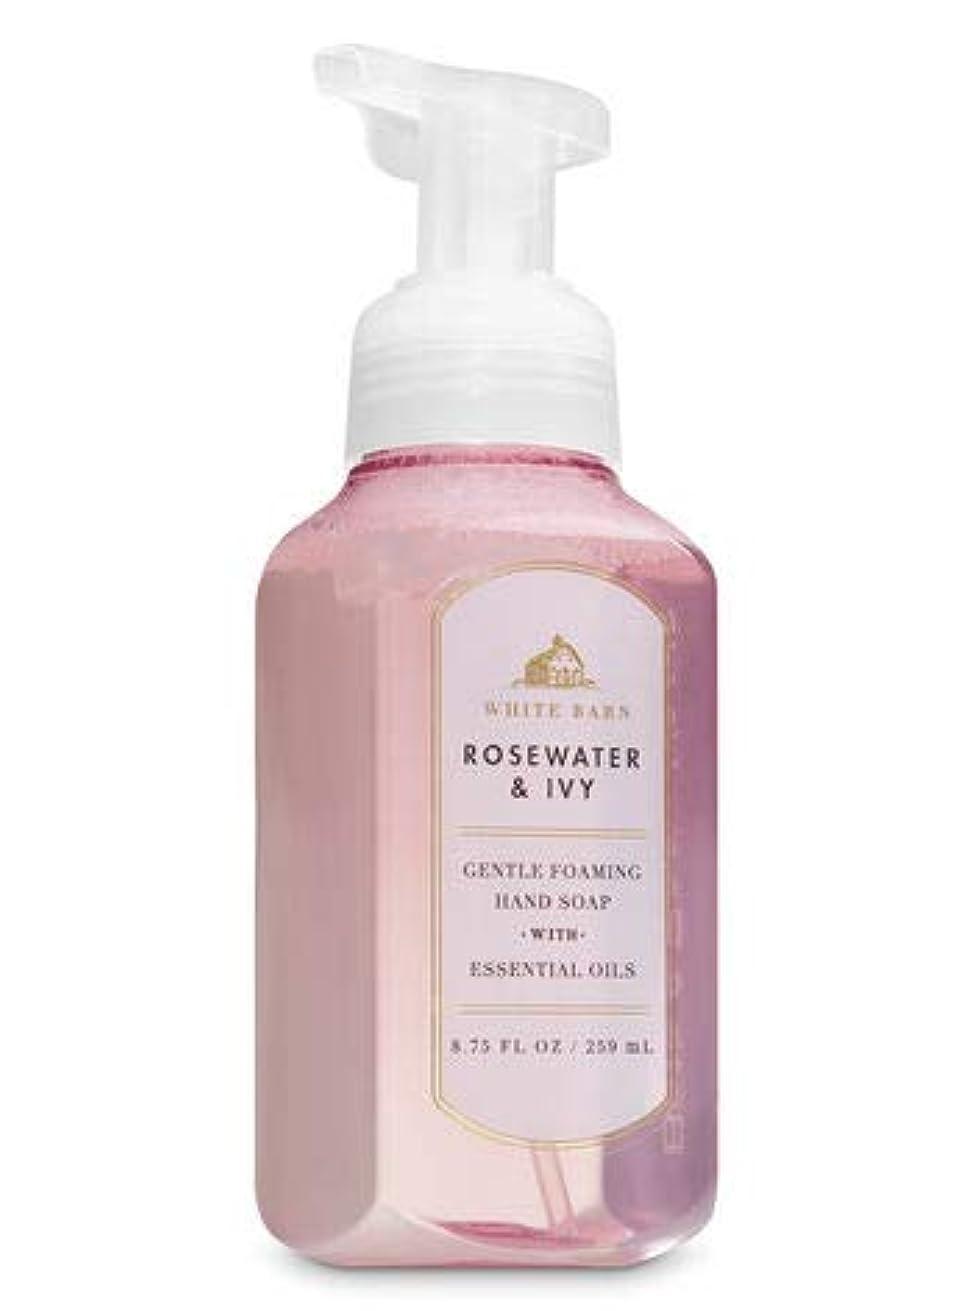 自発的クレタリップバス&ボディワークス ローズウォーター&アイビー ジェントル フォーミング ハンドソープ Rose Water & Ivy Gentle Foaming Hand Soap